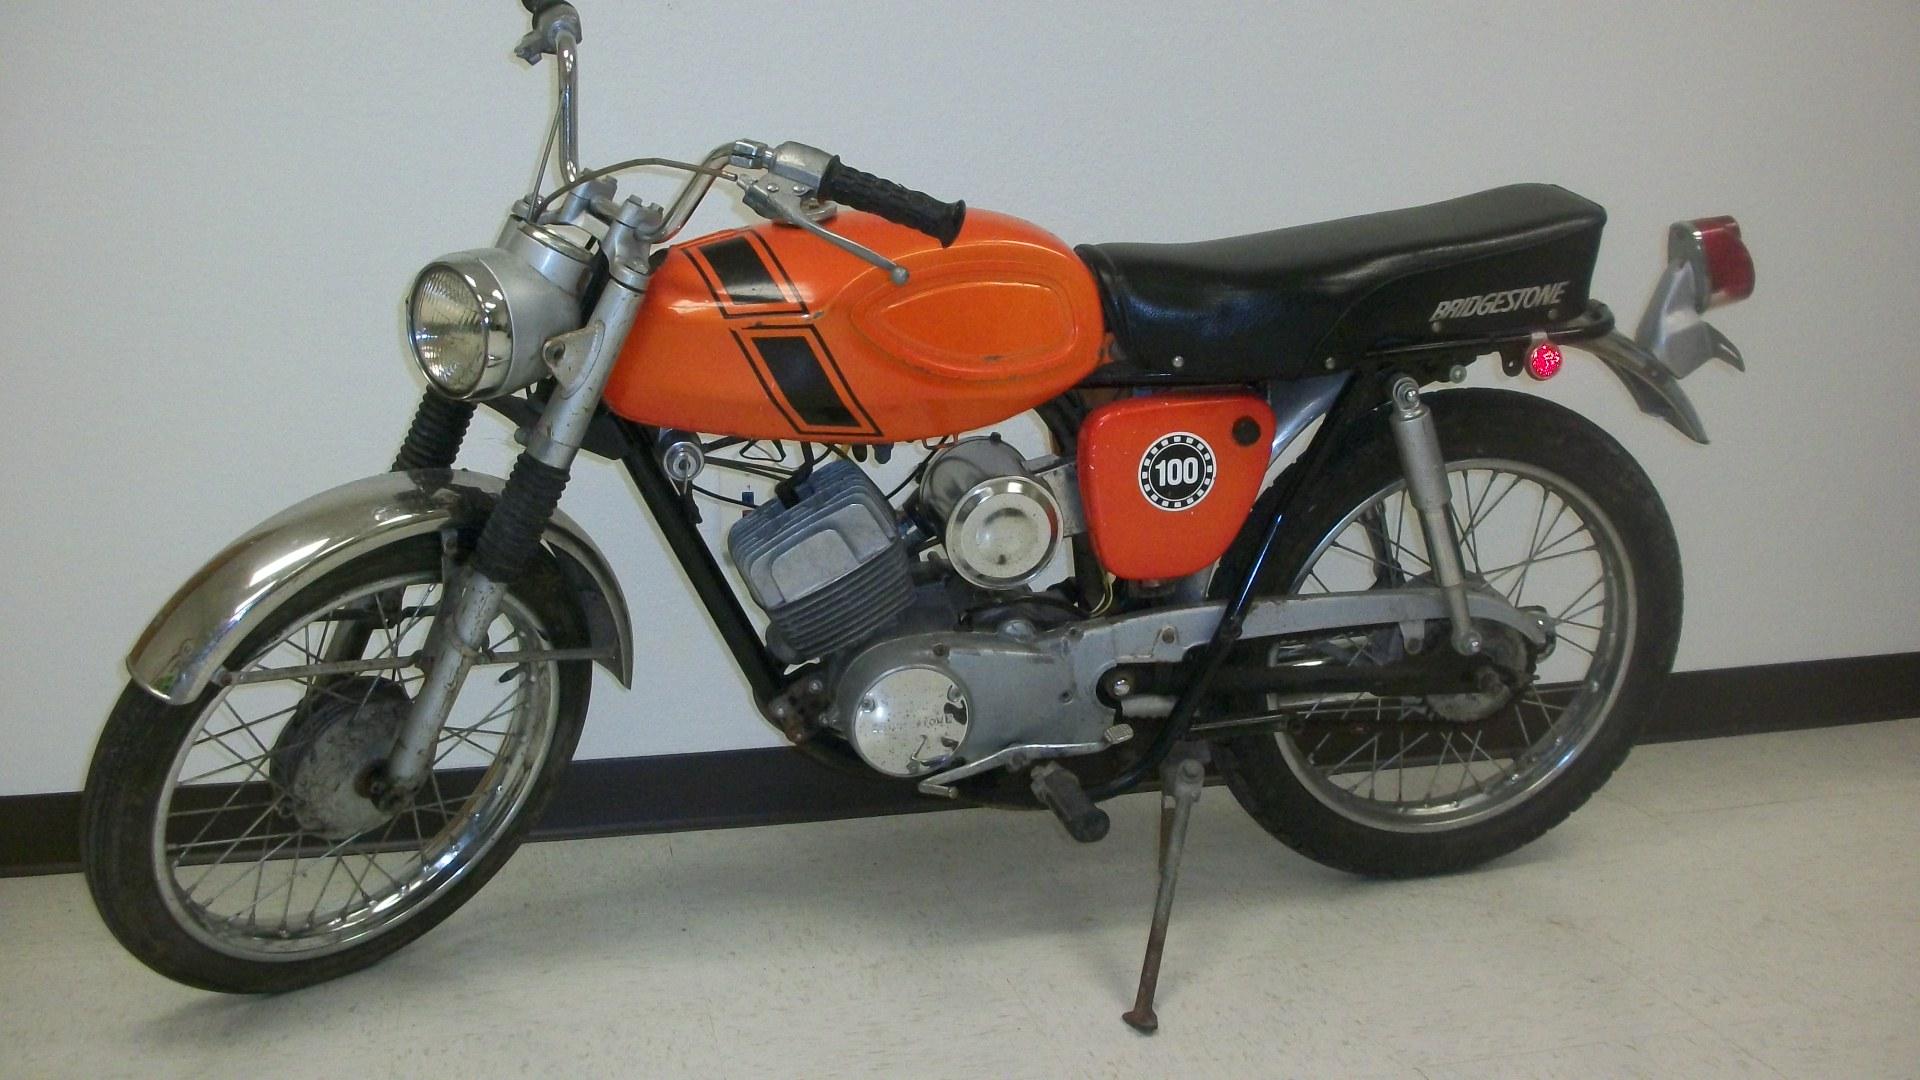 builders stock  1971 bridgestone gp100 motorcycle  sold